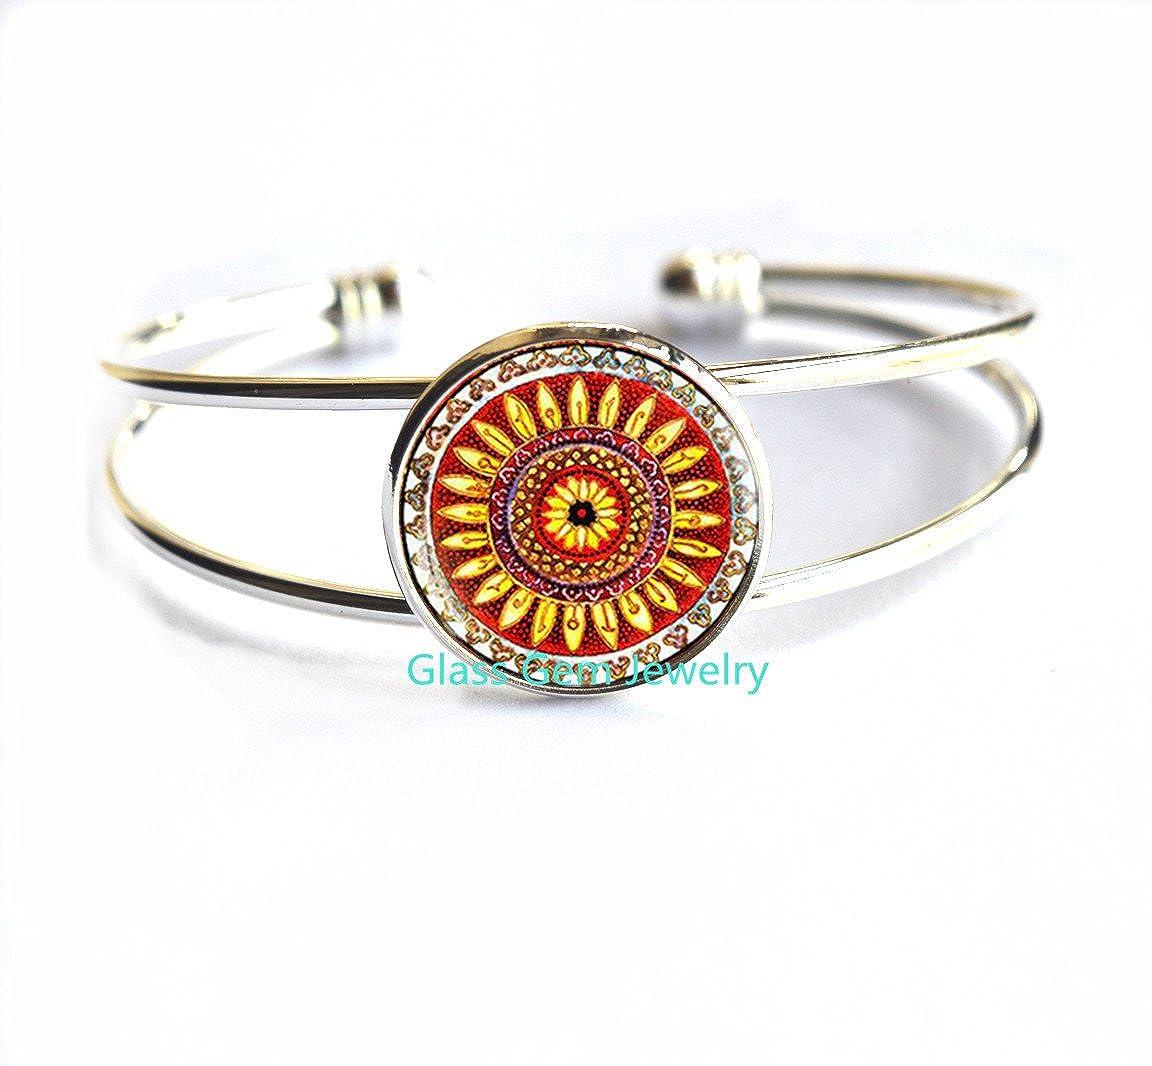 boho jewelry ethnic jewelry shou ethnic Bracelets red brown yellow Locket Keychain,Q0105 folk art Bracelets Indian mandala jewelry